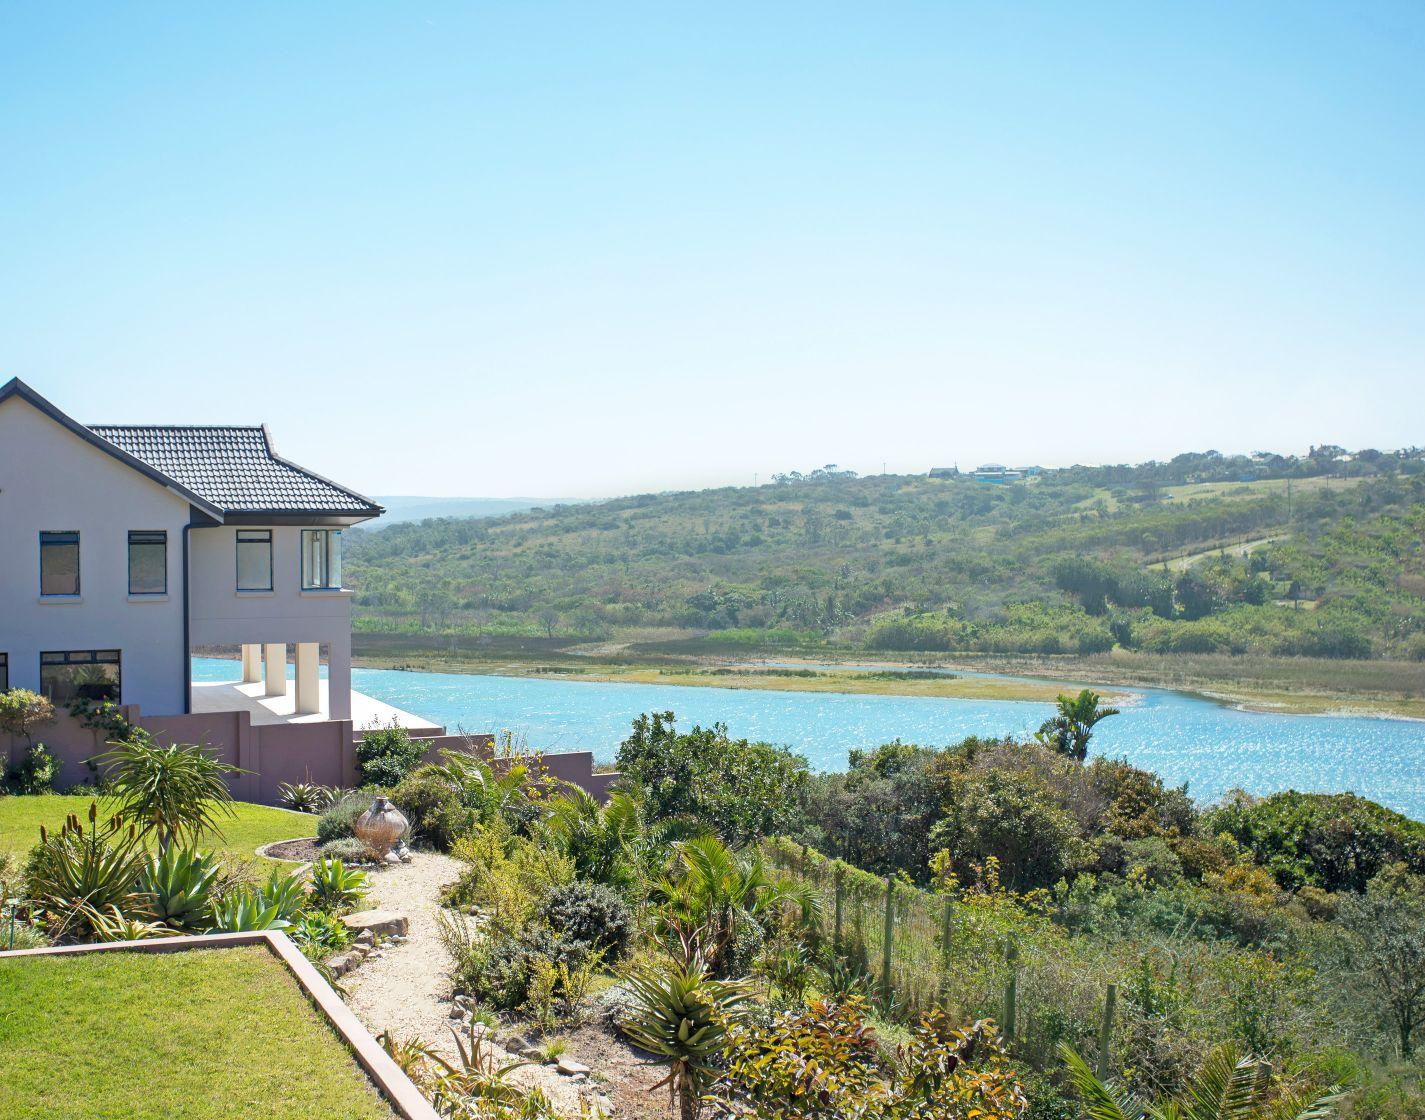 Balugha River Estate Garden View of Balura River